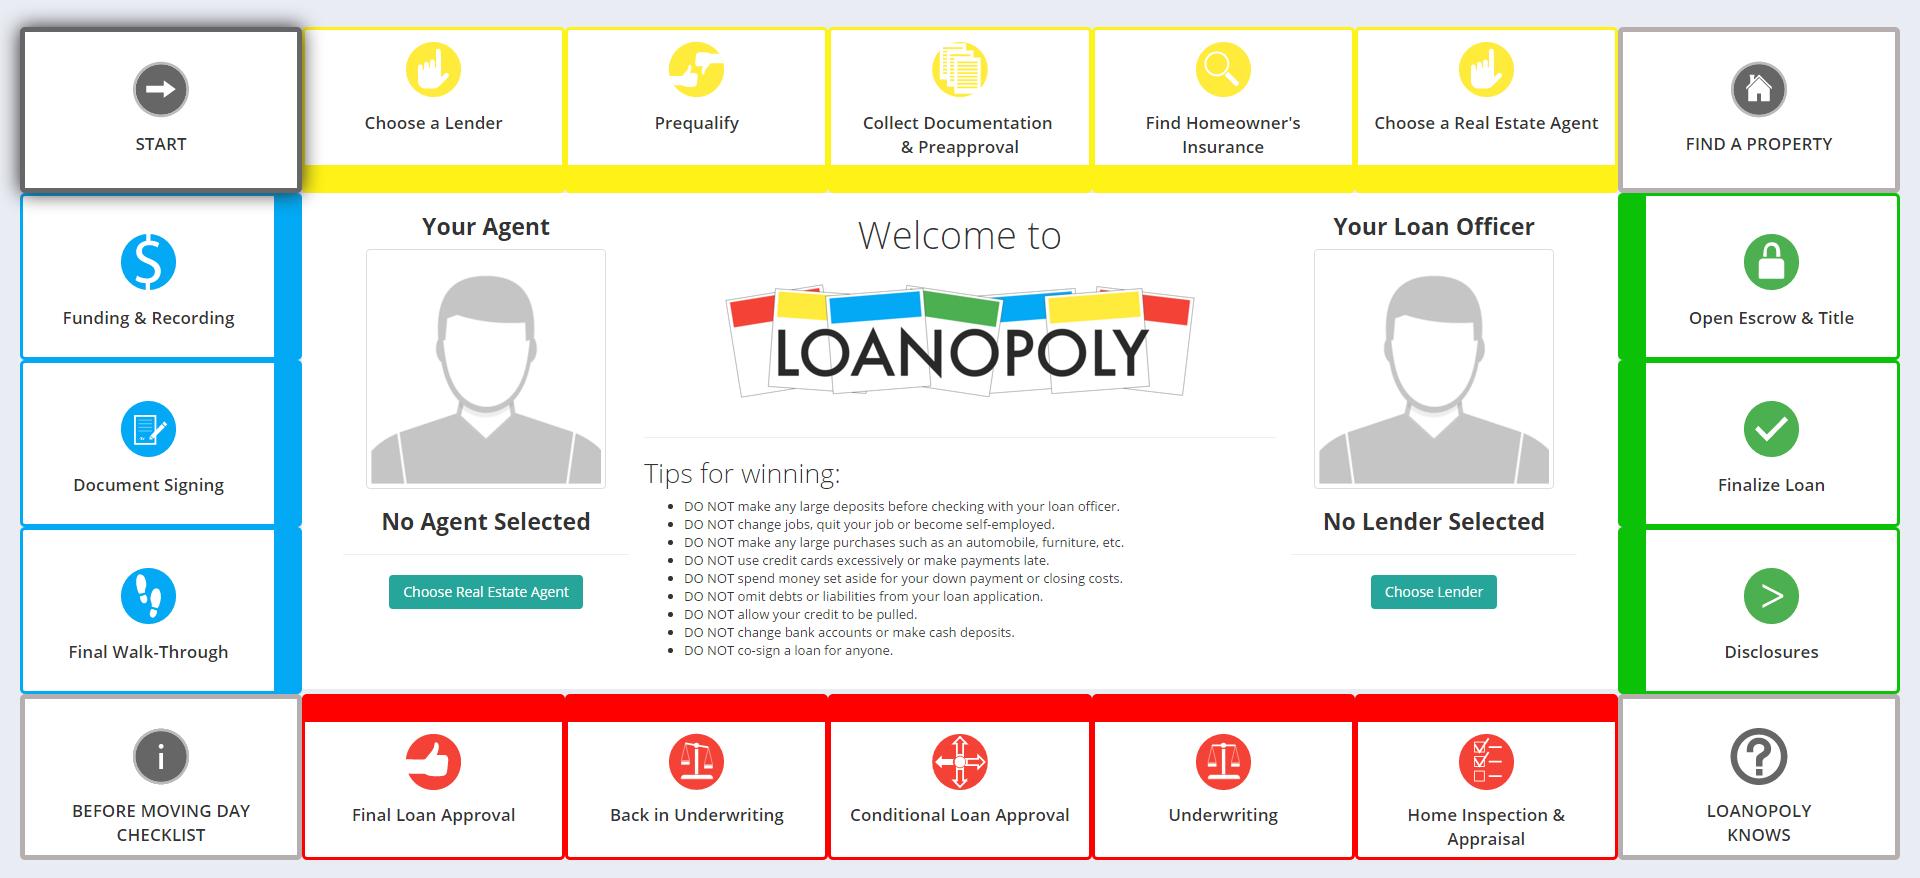 Loanopoly dashboard